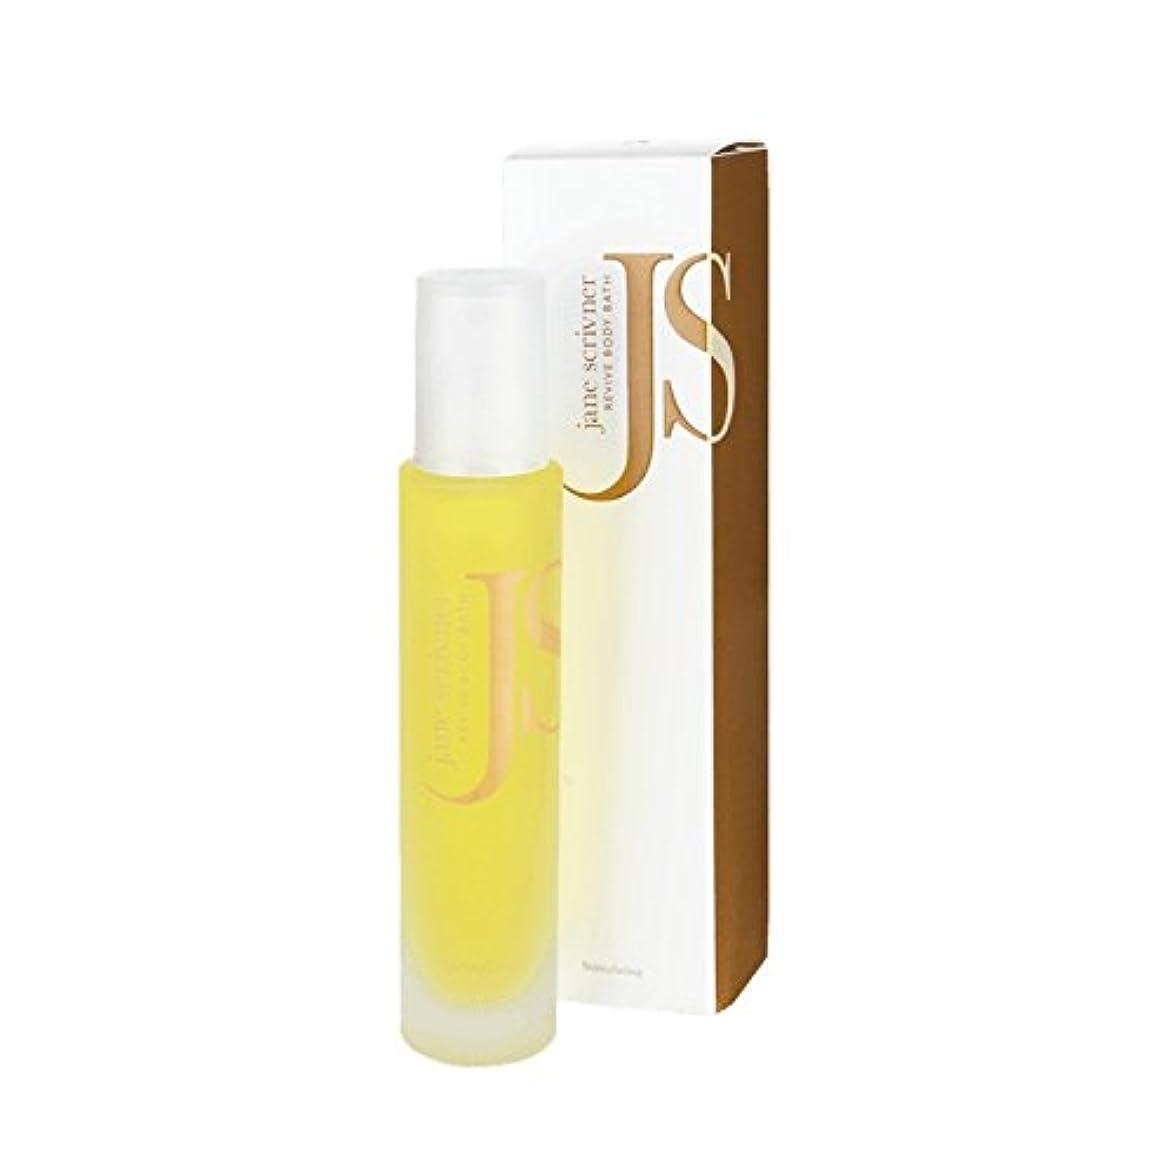 抽選砂漠怒ってJane Scrivner Body Bath Oil Revive 100ml (Pack of 2) - ジェーンScrivnerボディバスオイル100ミリリットルを復活させます (x2) [並行輸入品]